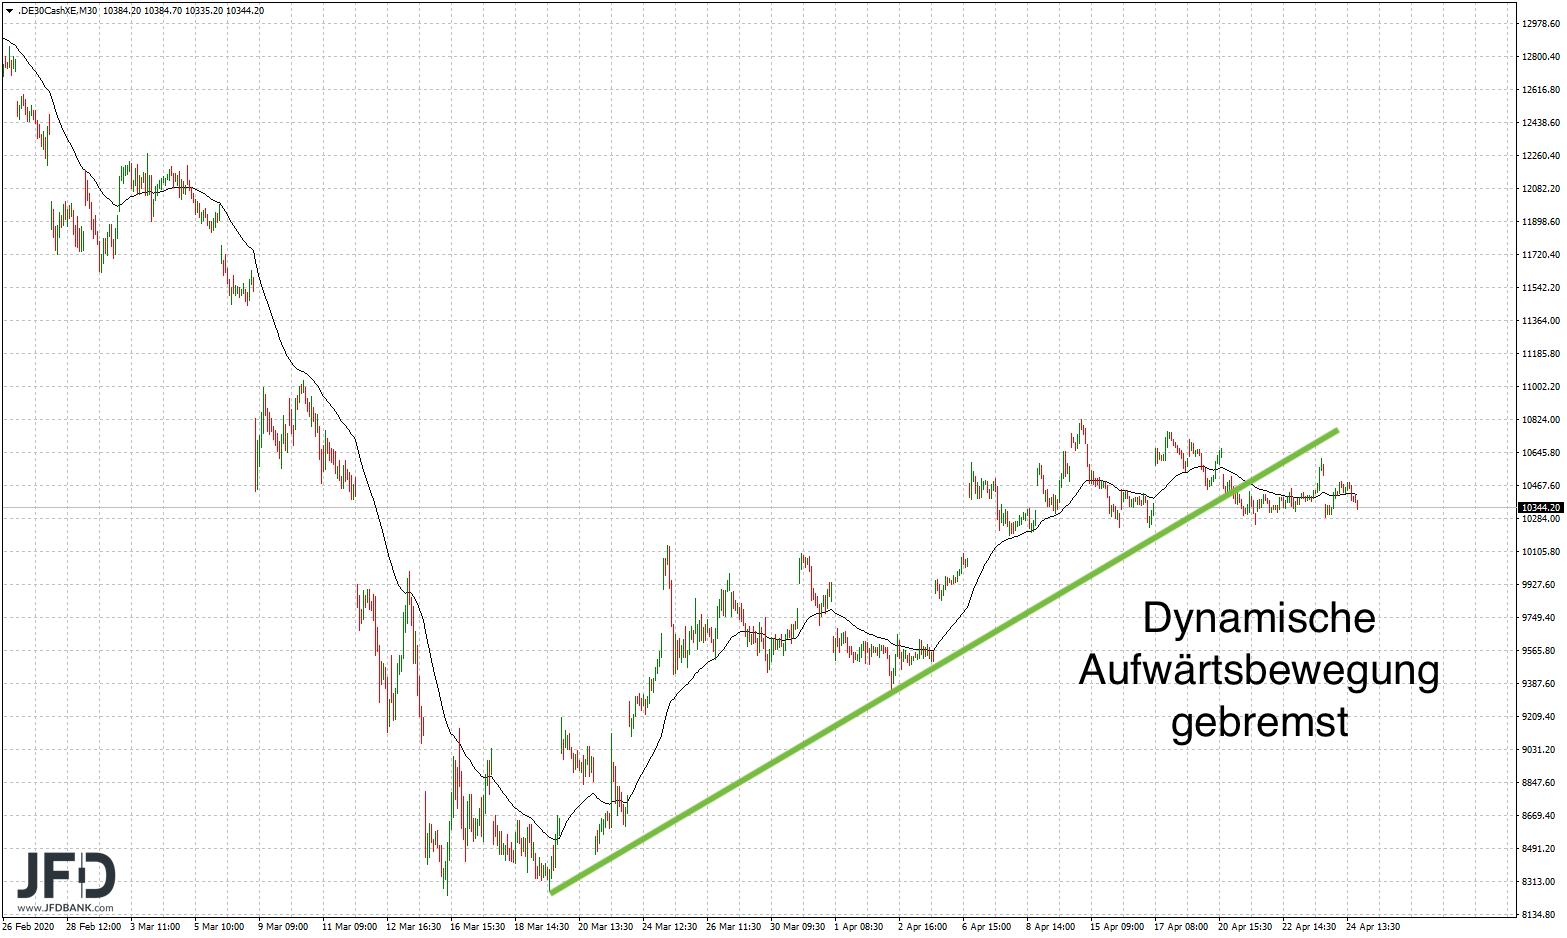 Trendlinie im DAX gebremst / gebrochen